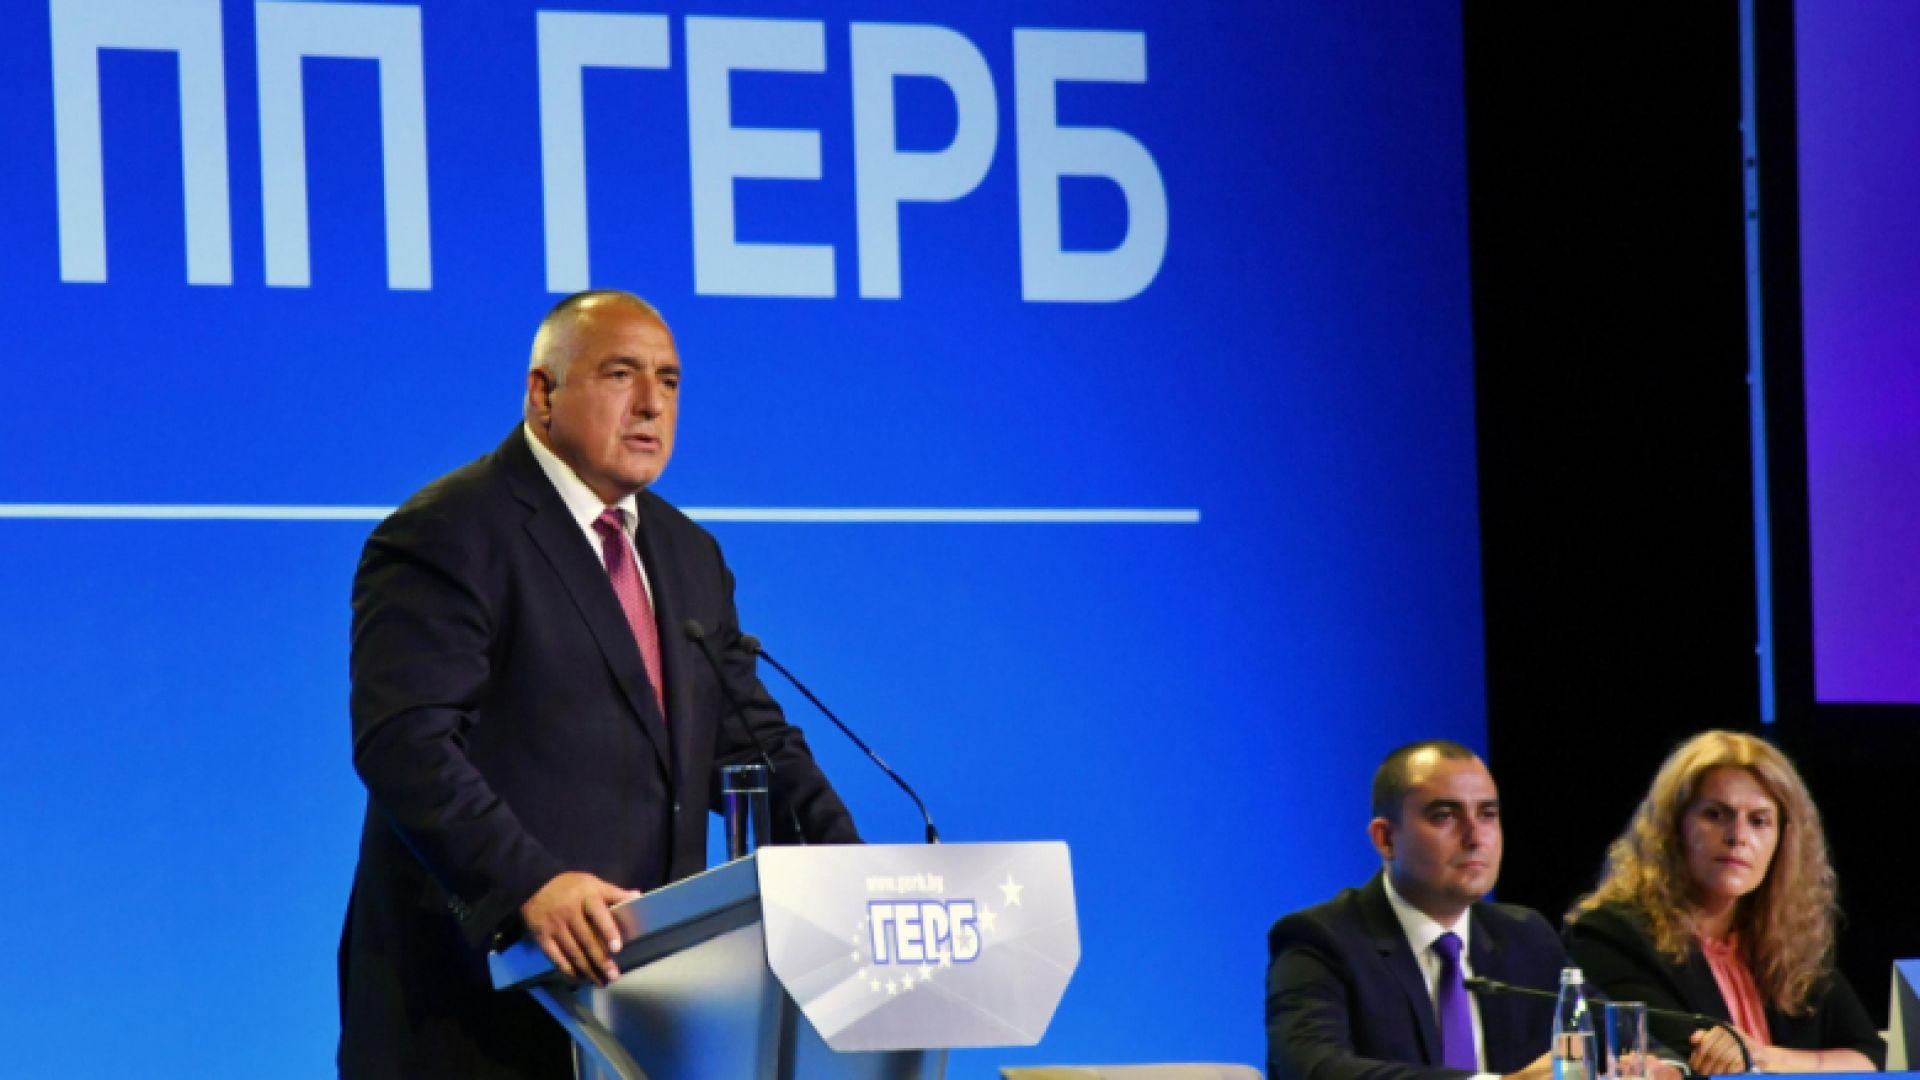 Борисов: Честит рожден ден, ГЕРБ! Ние сме алтернатива на рухналата банкова система и съсипаната икономика